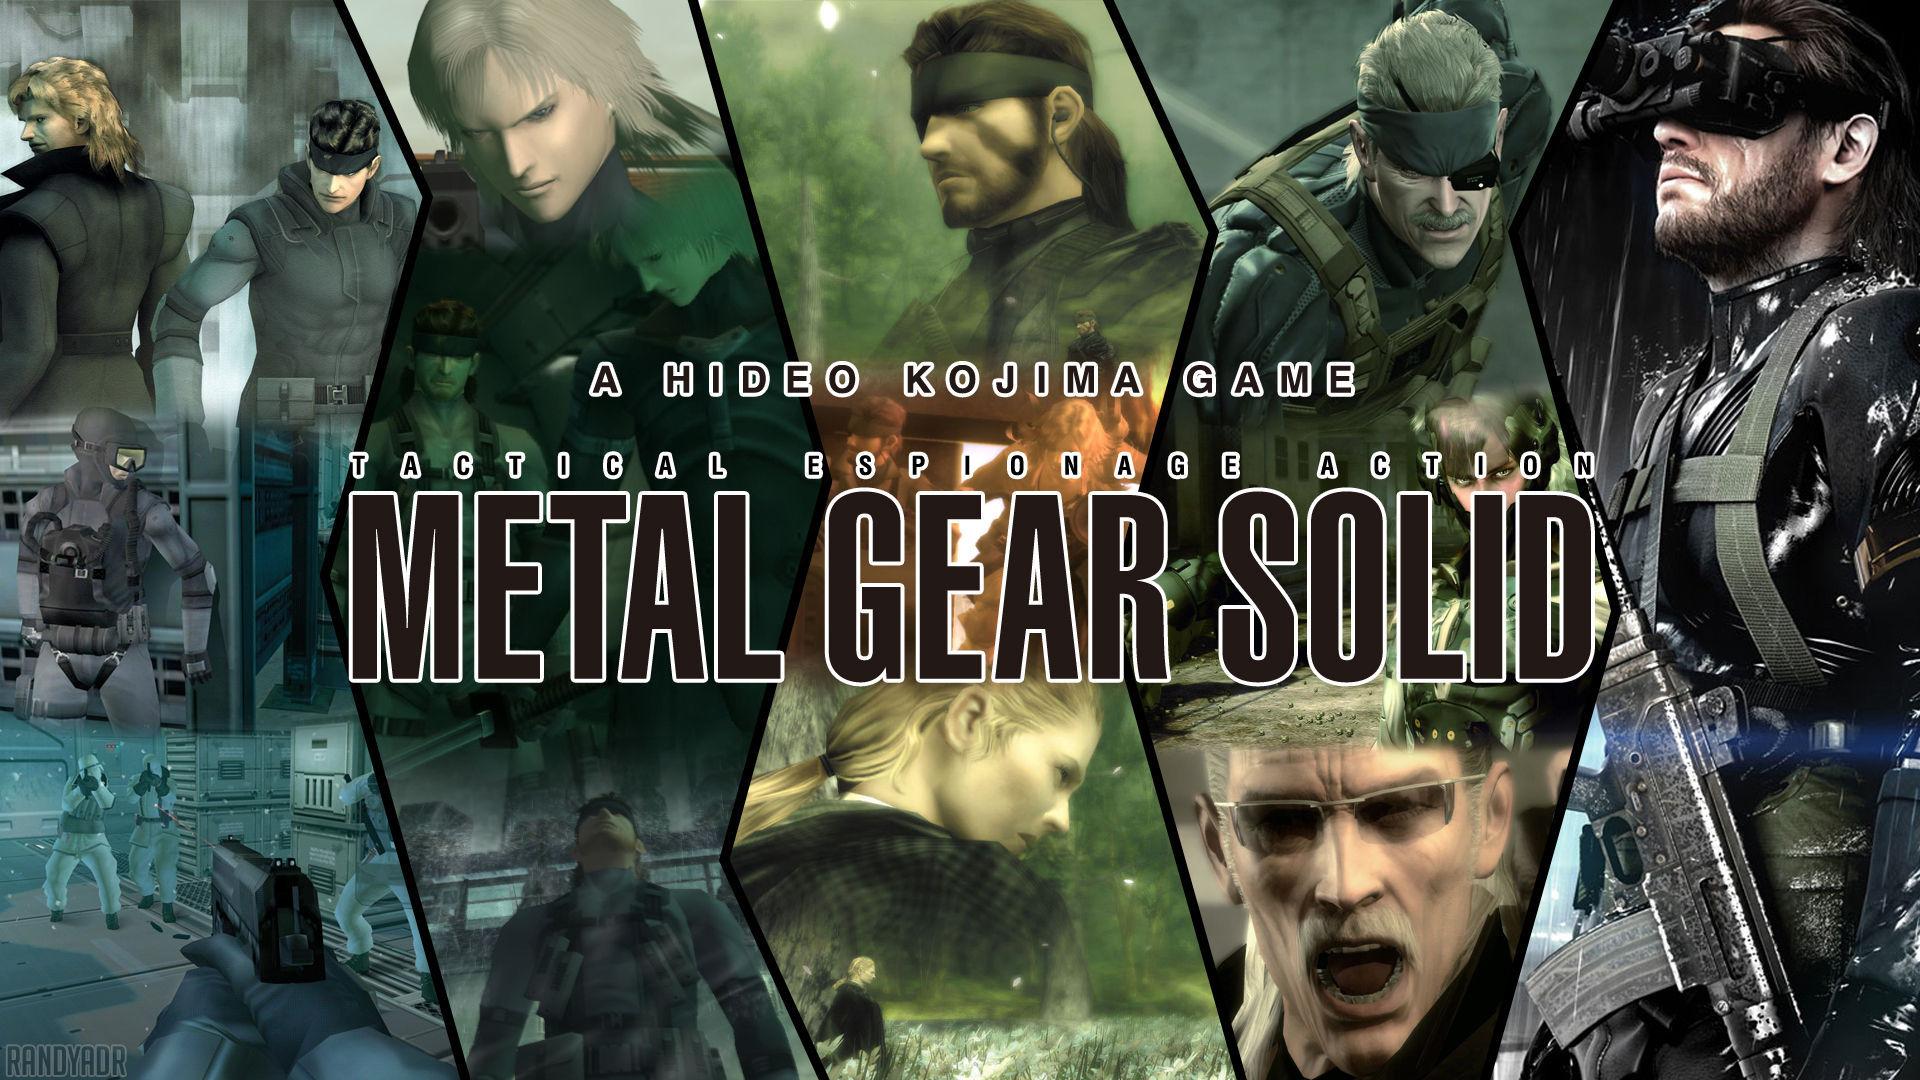 13879 - ¿Sabes relacionar estos personajes de Metal Gear Solid?